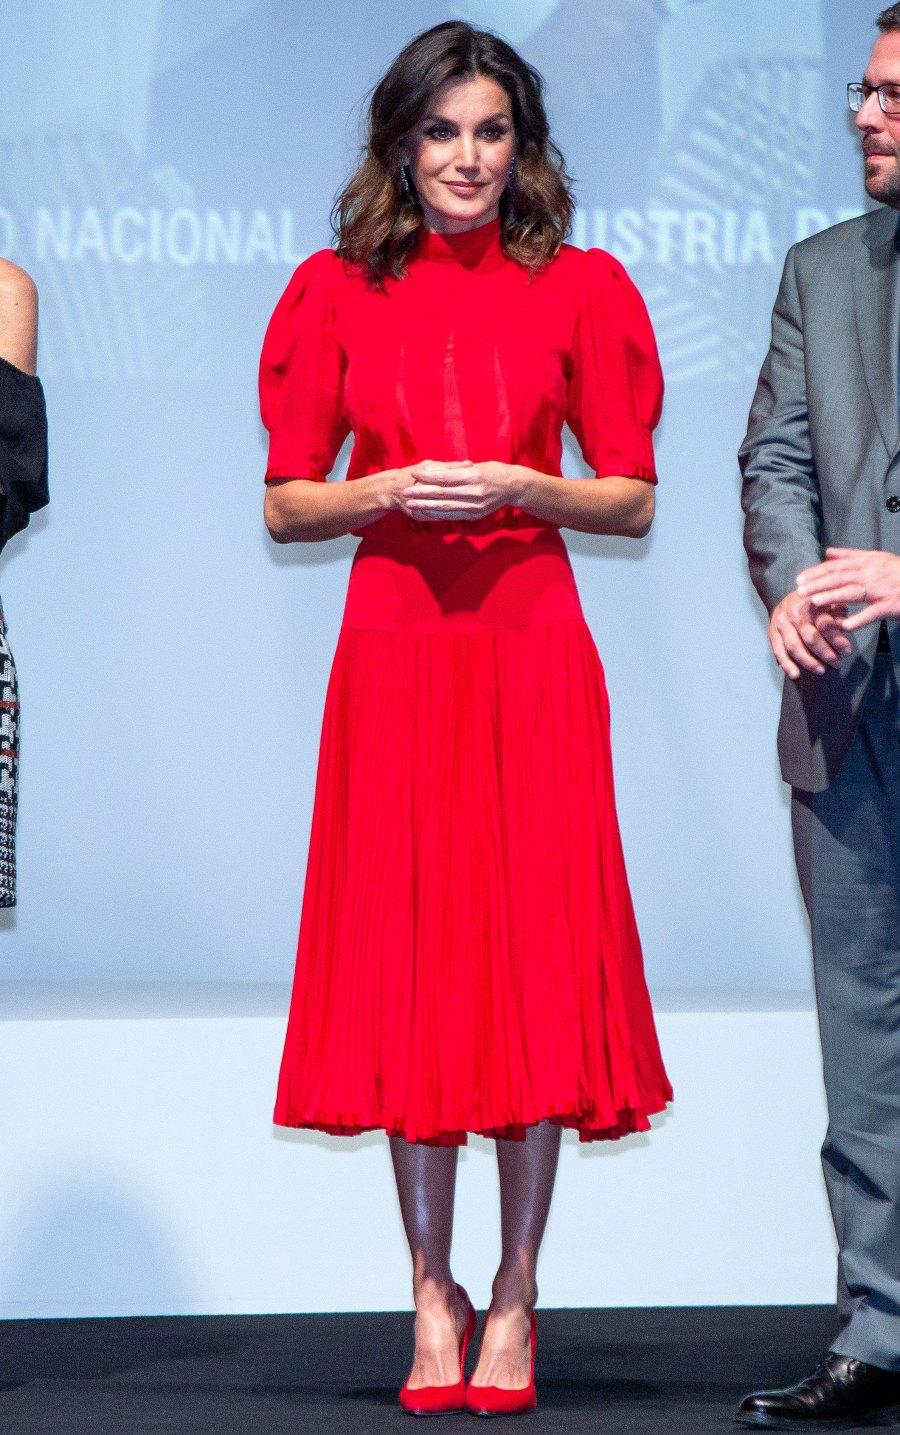 Queen-Letizia-of-Spain-red-dress-heels